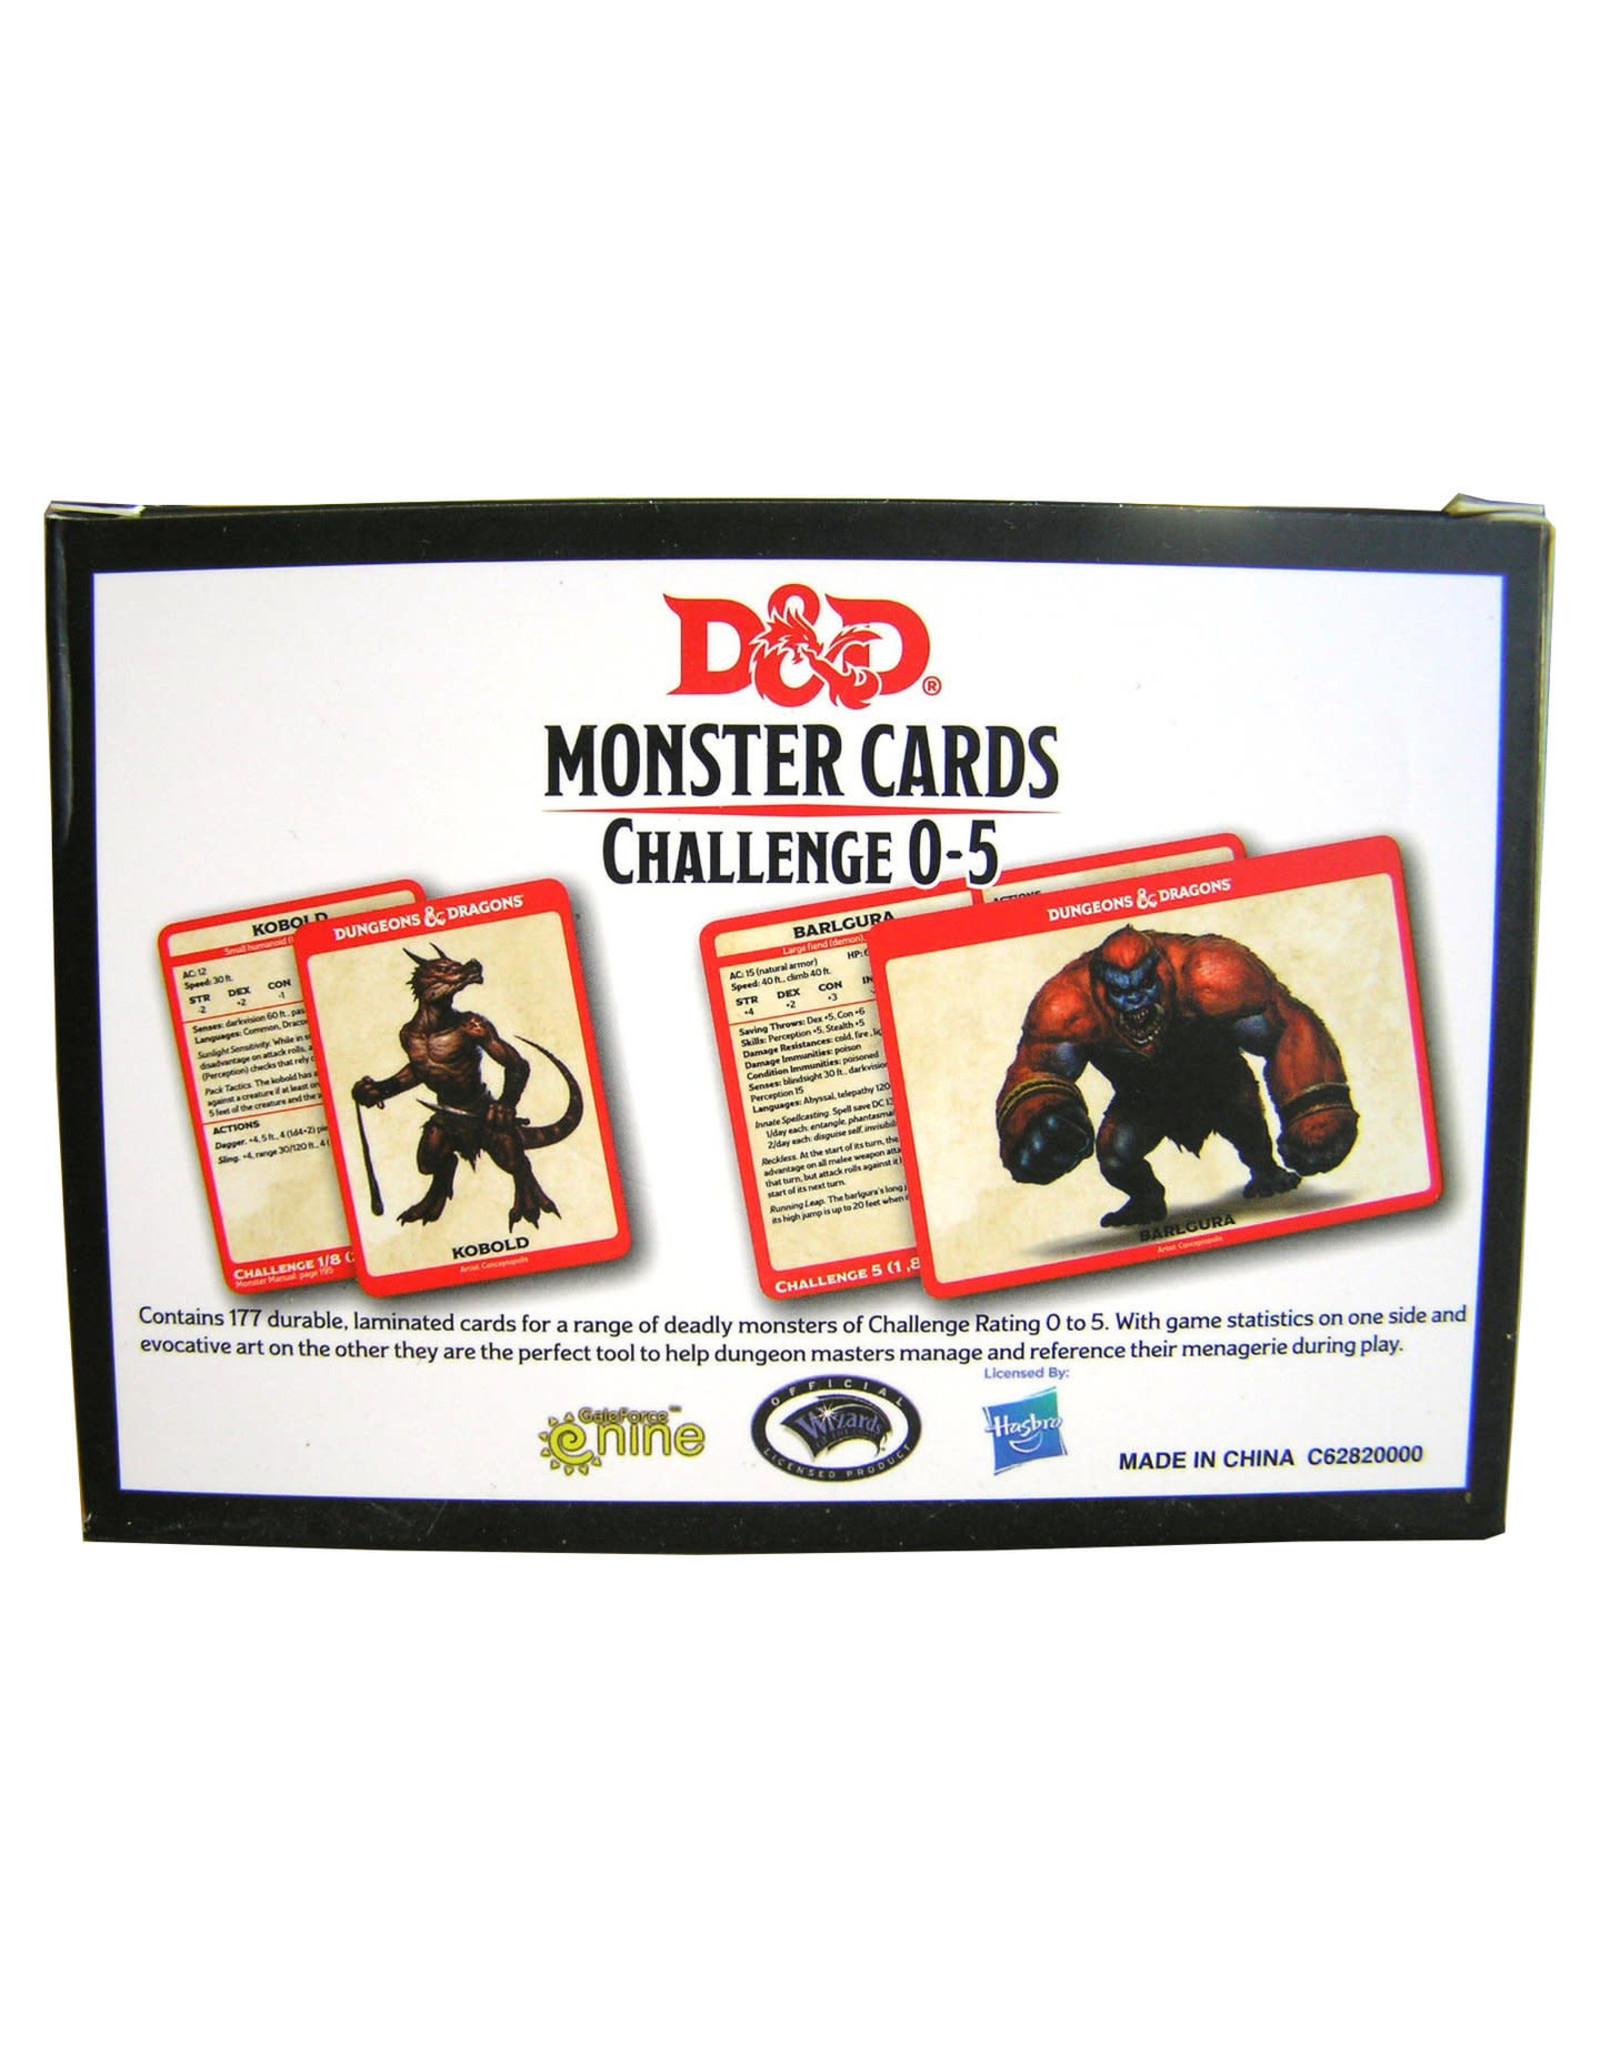 GaleForce9 D&D: Monster Cards - Challenge 0-5 Deck